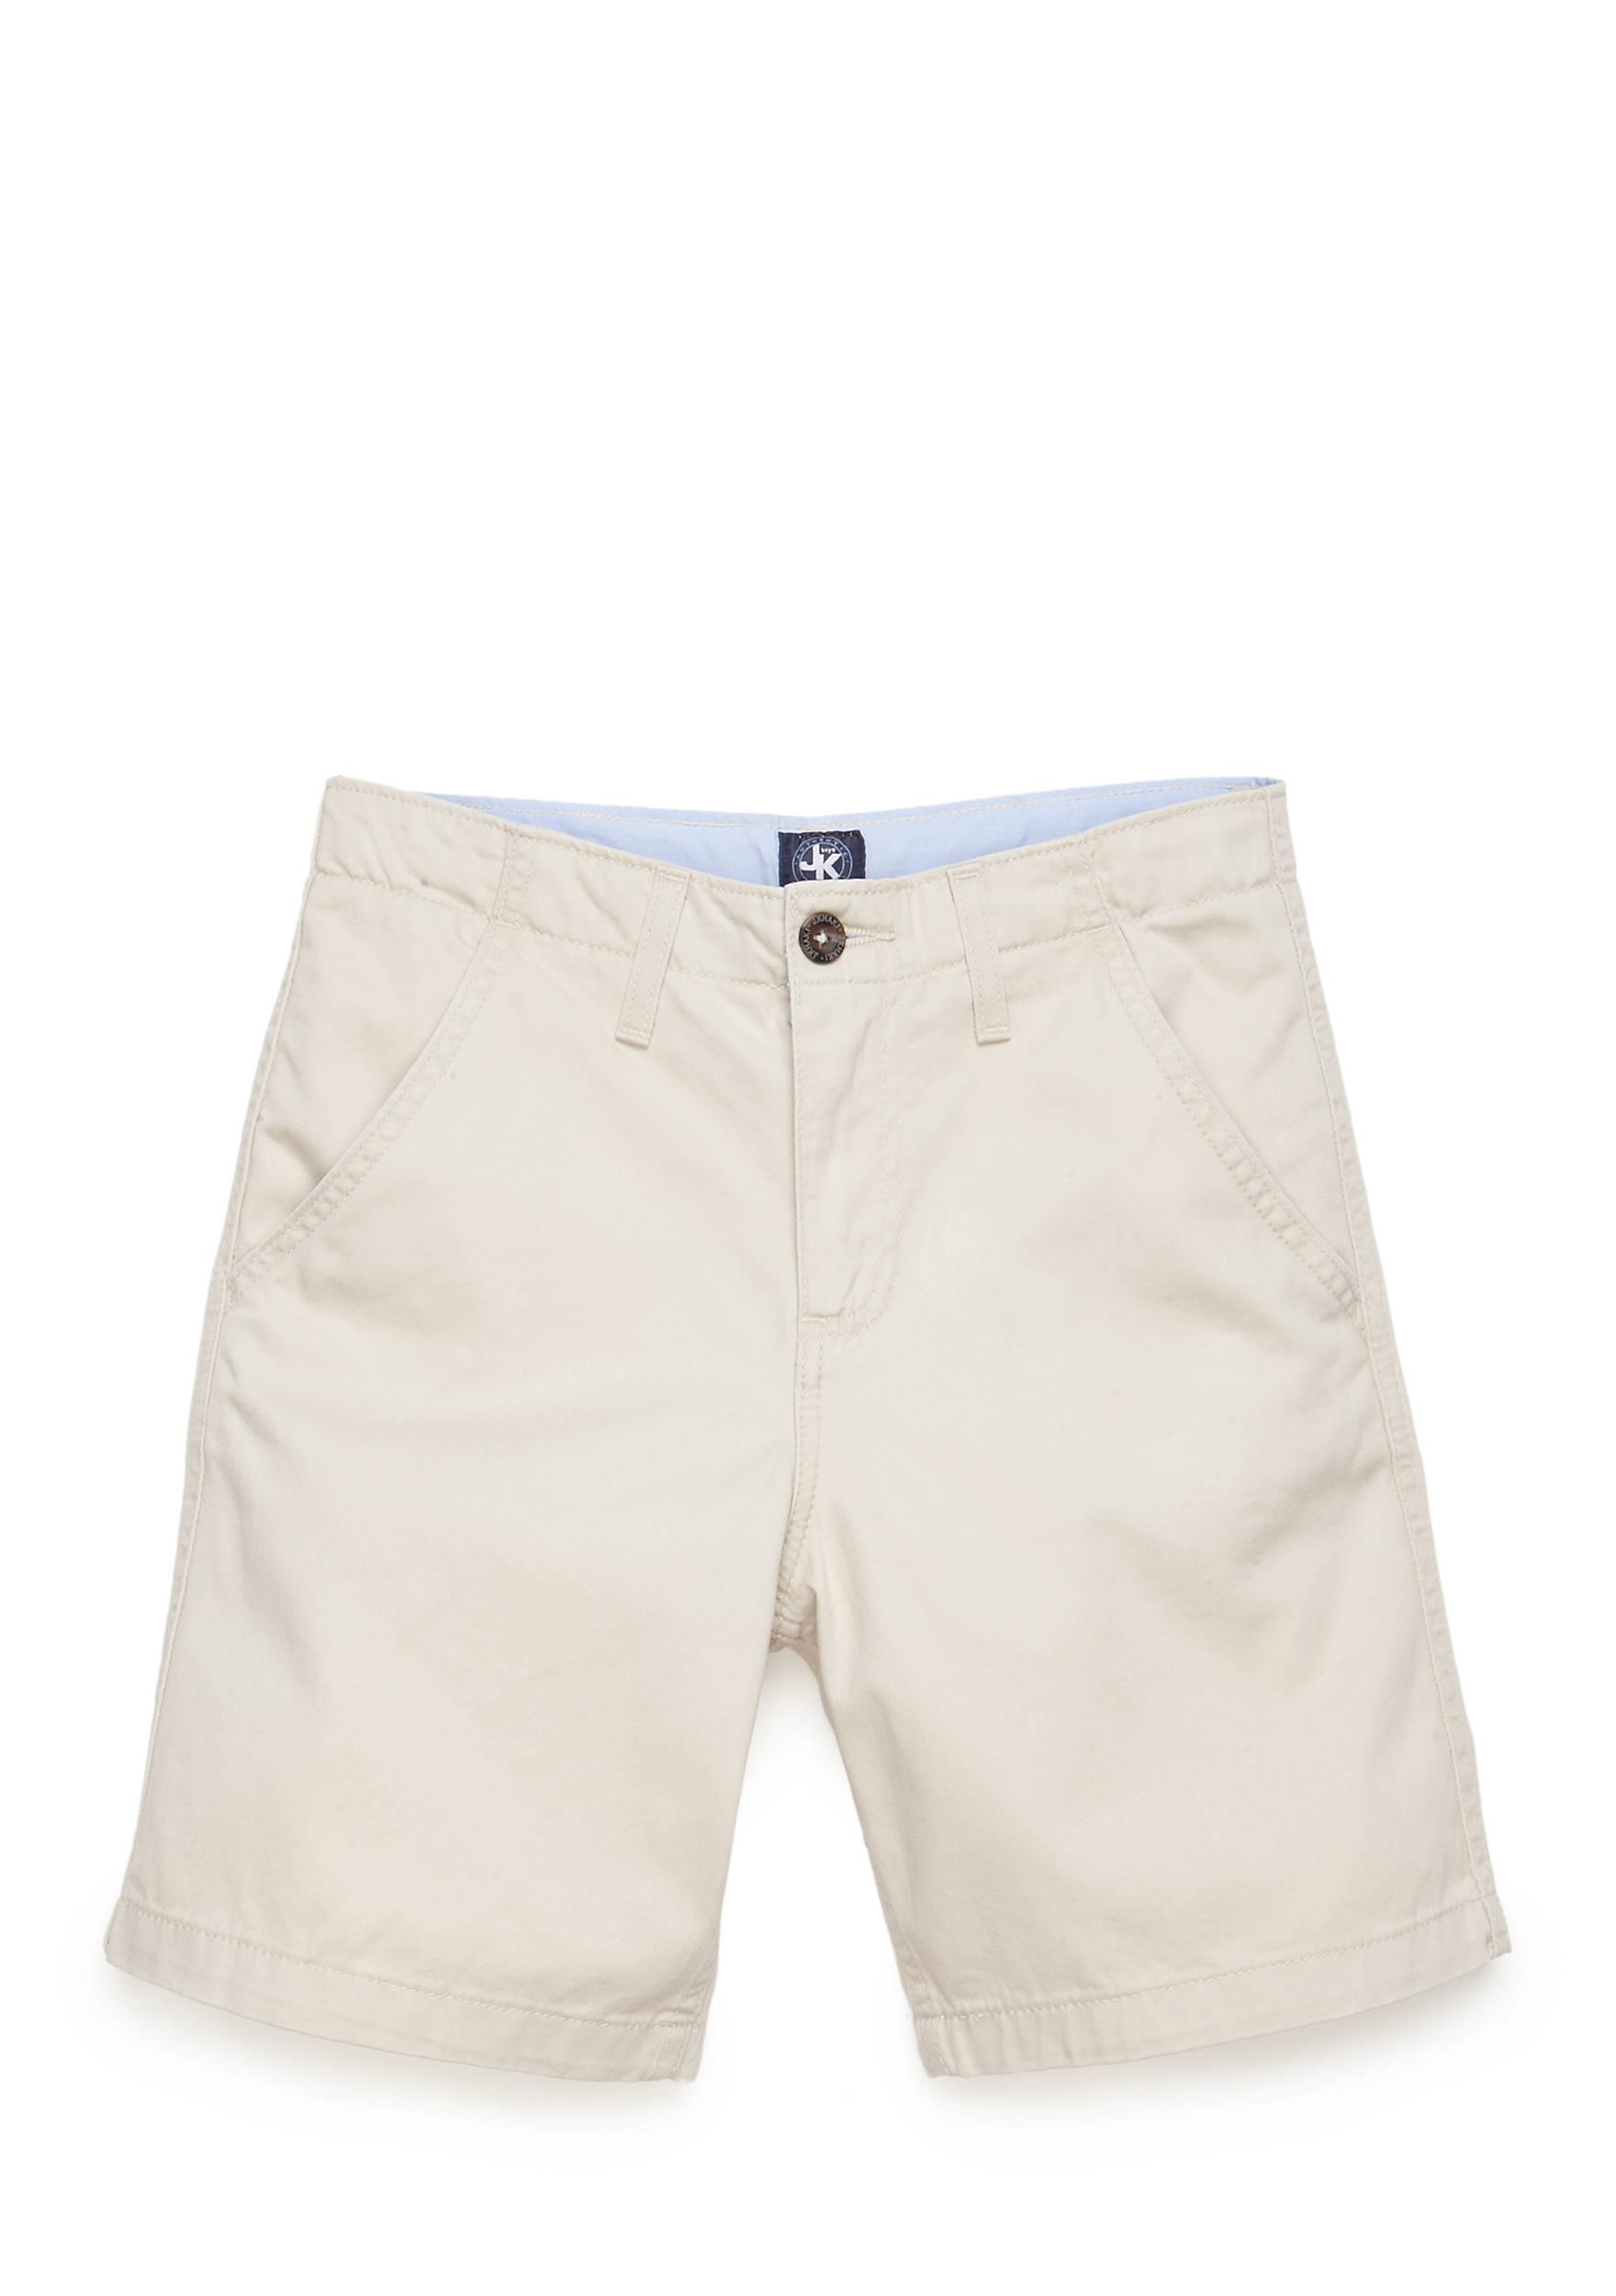 J. Khaki® Flat Front Shorts Boys 8-20 | belk